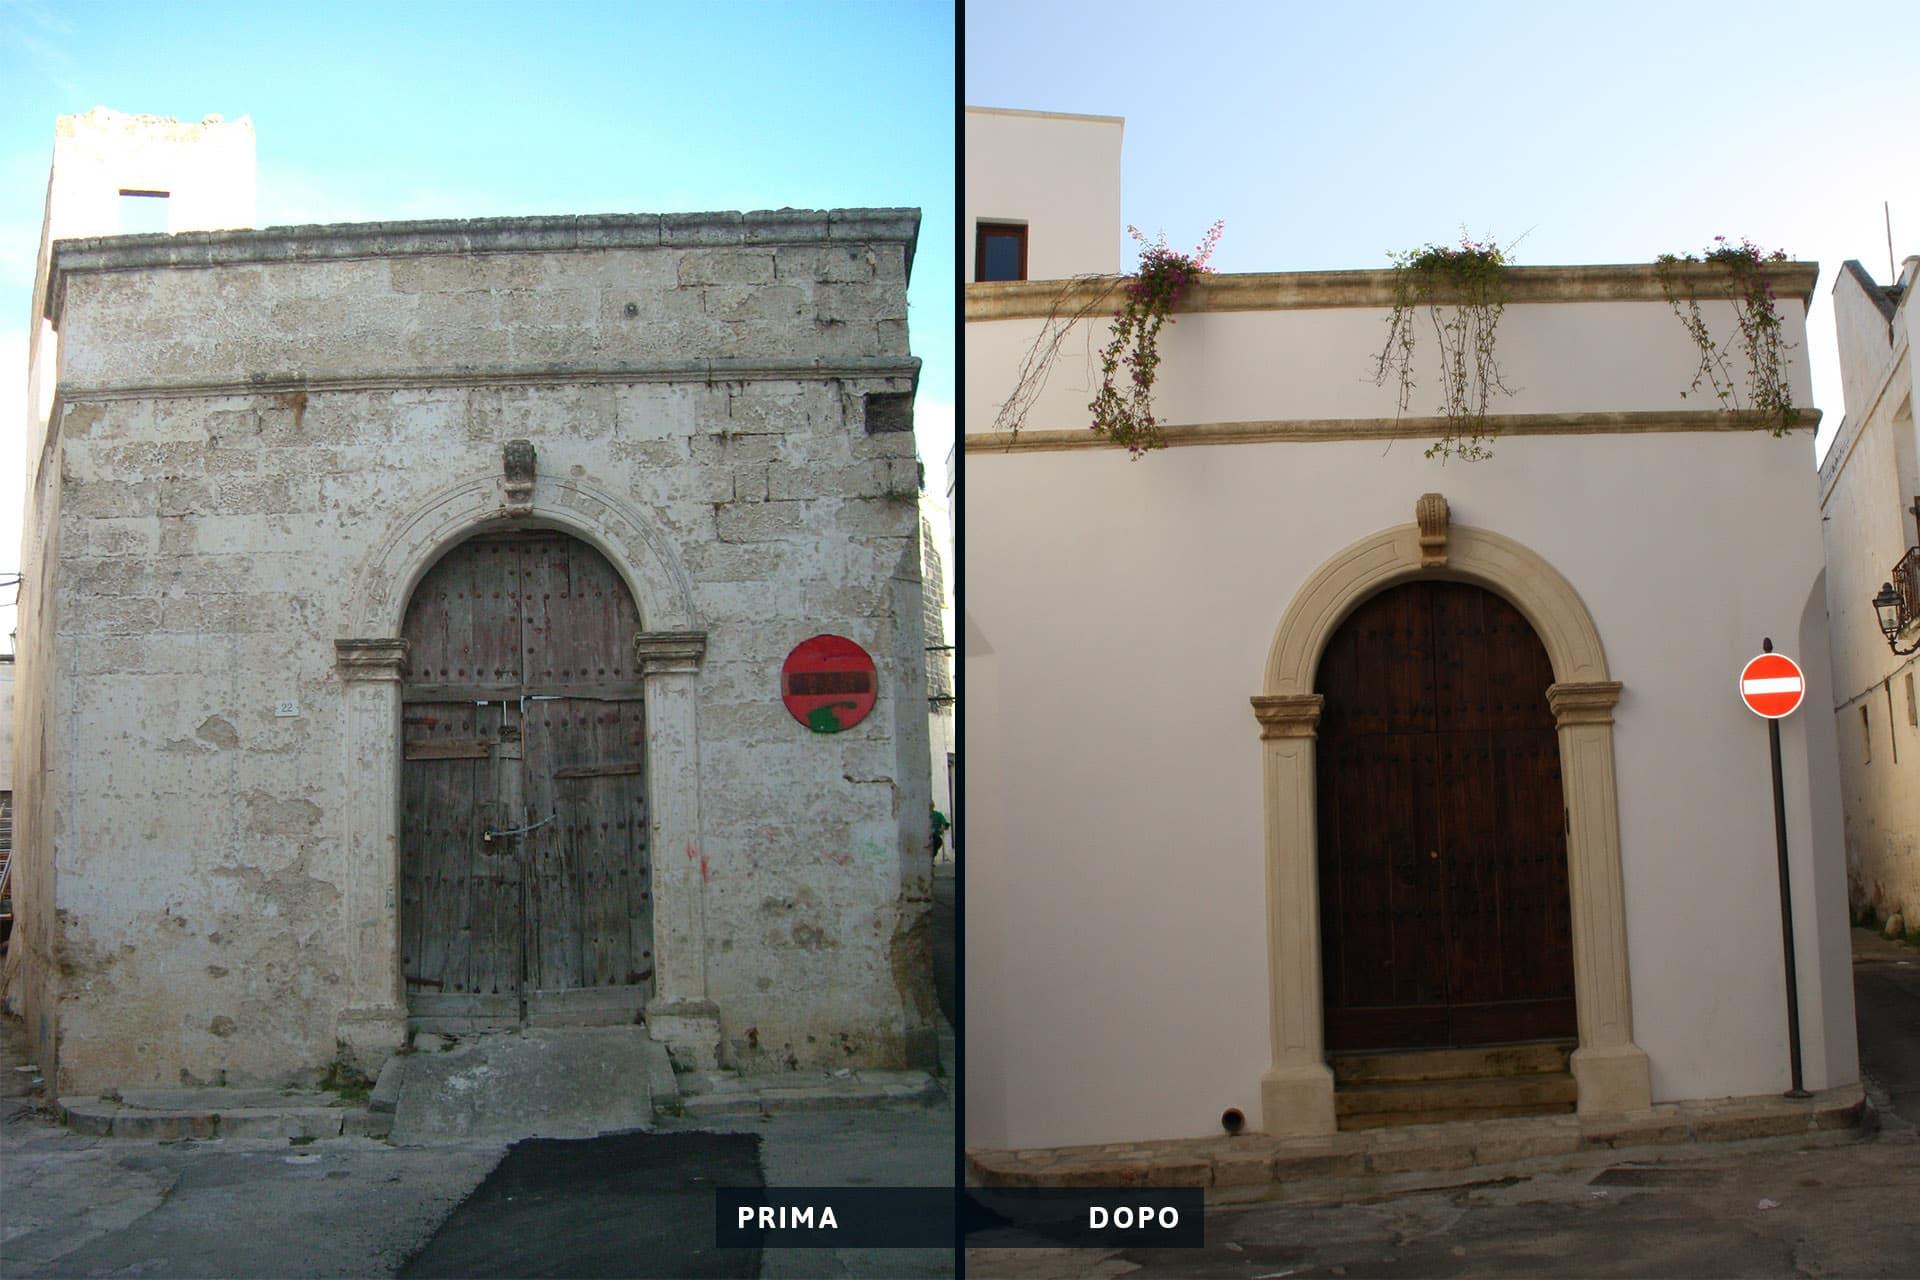 Prima e dopo - 01